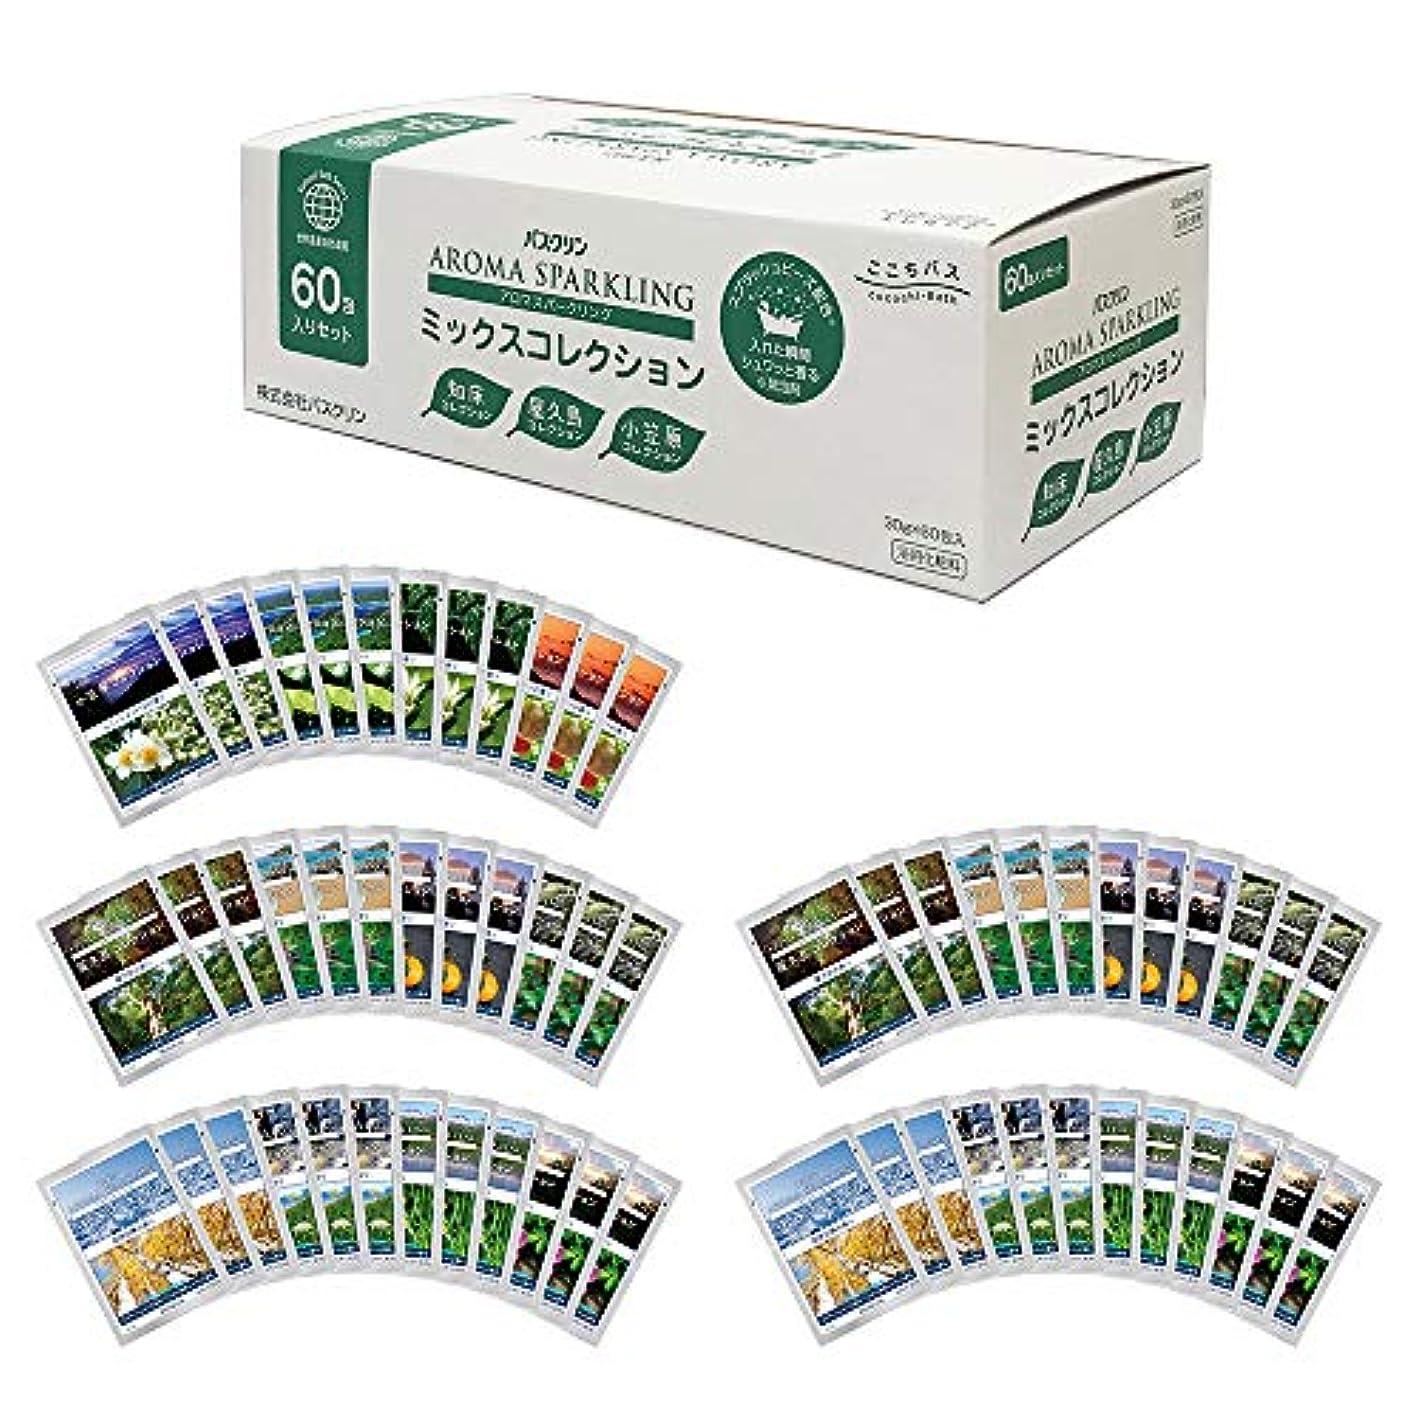 ひまわり閲覧する幅【Amazon限定ブランド】ここちバス バスクリン 入浴剤  アロマスパークリング ミックスコレクション 60包入り 個包装 詰め合わせ